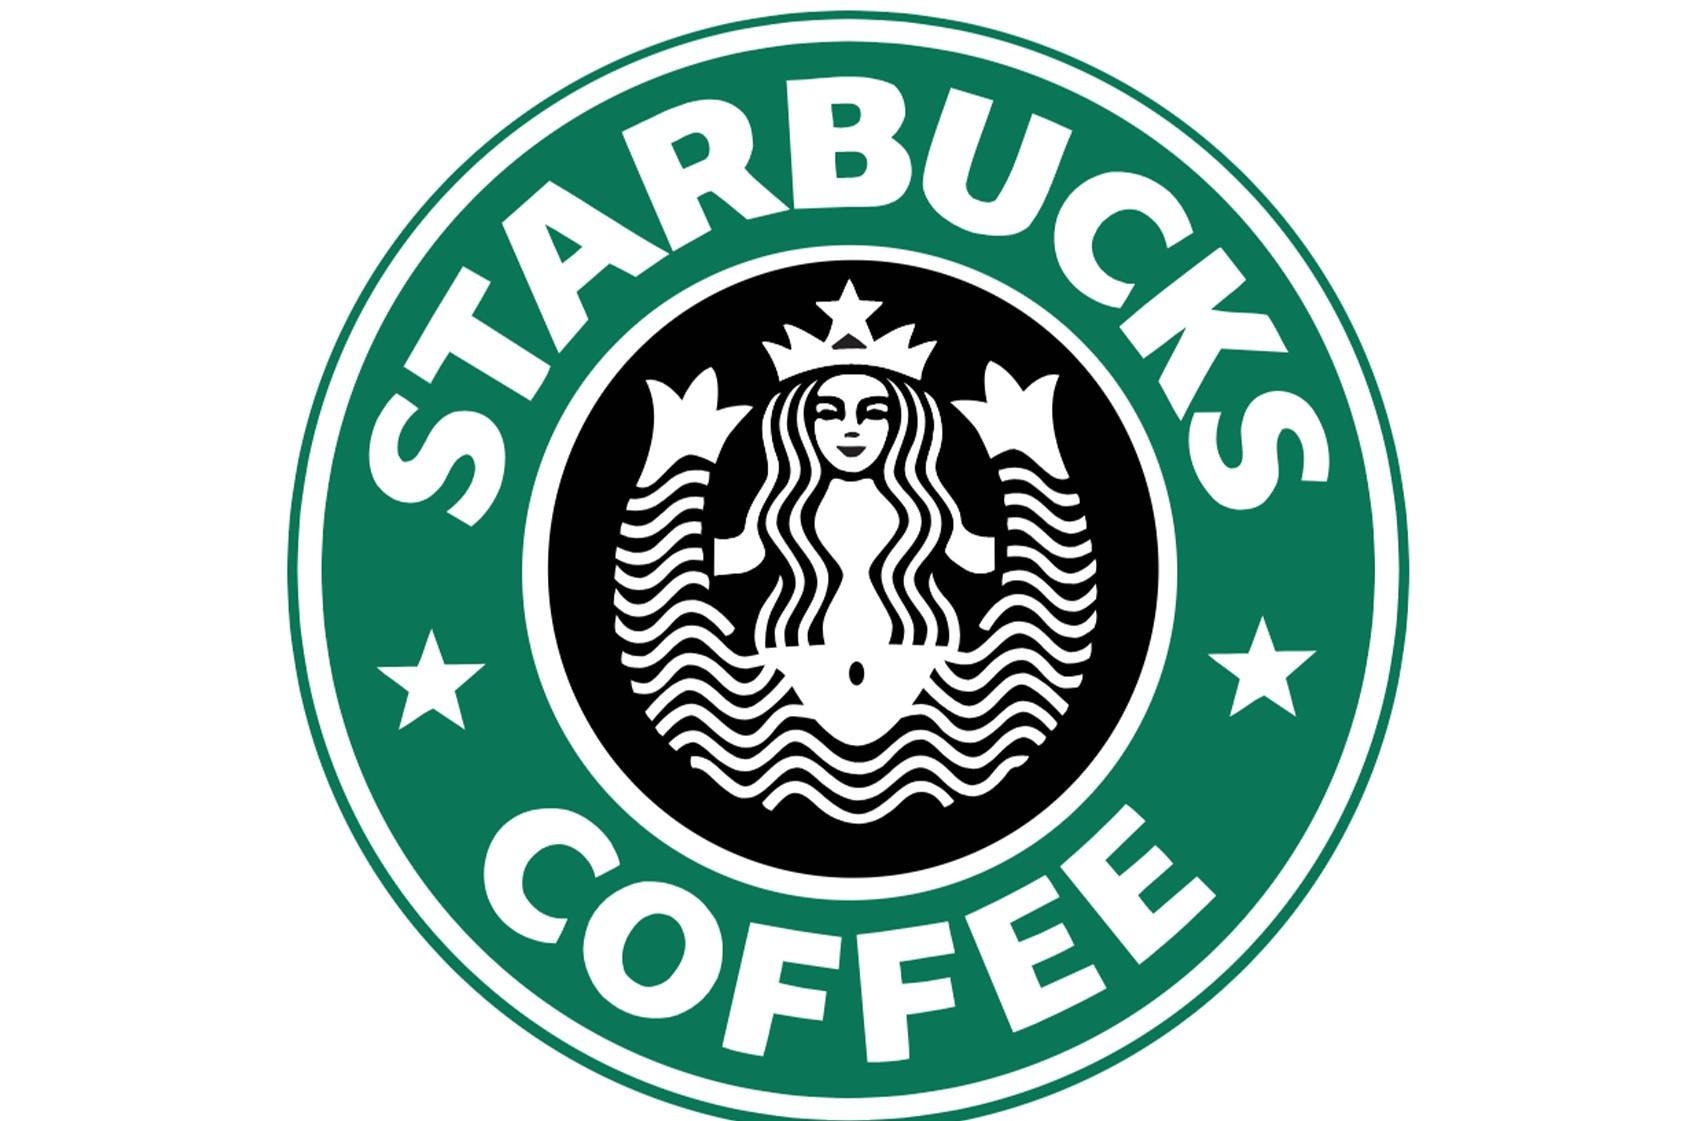 داستان لوگوی Starbucks